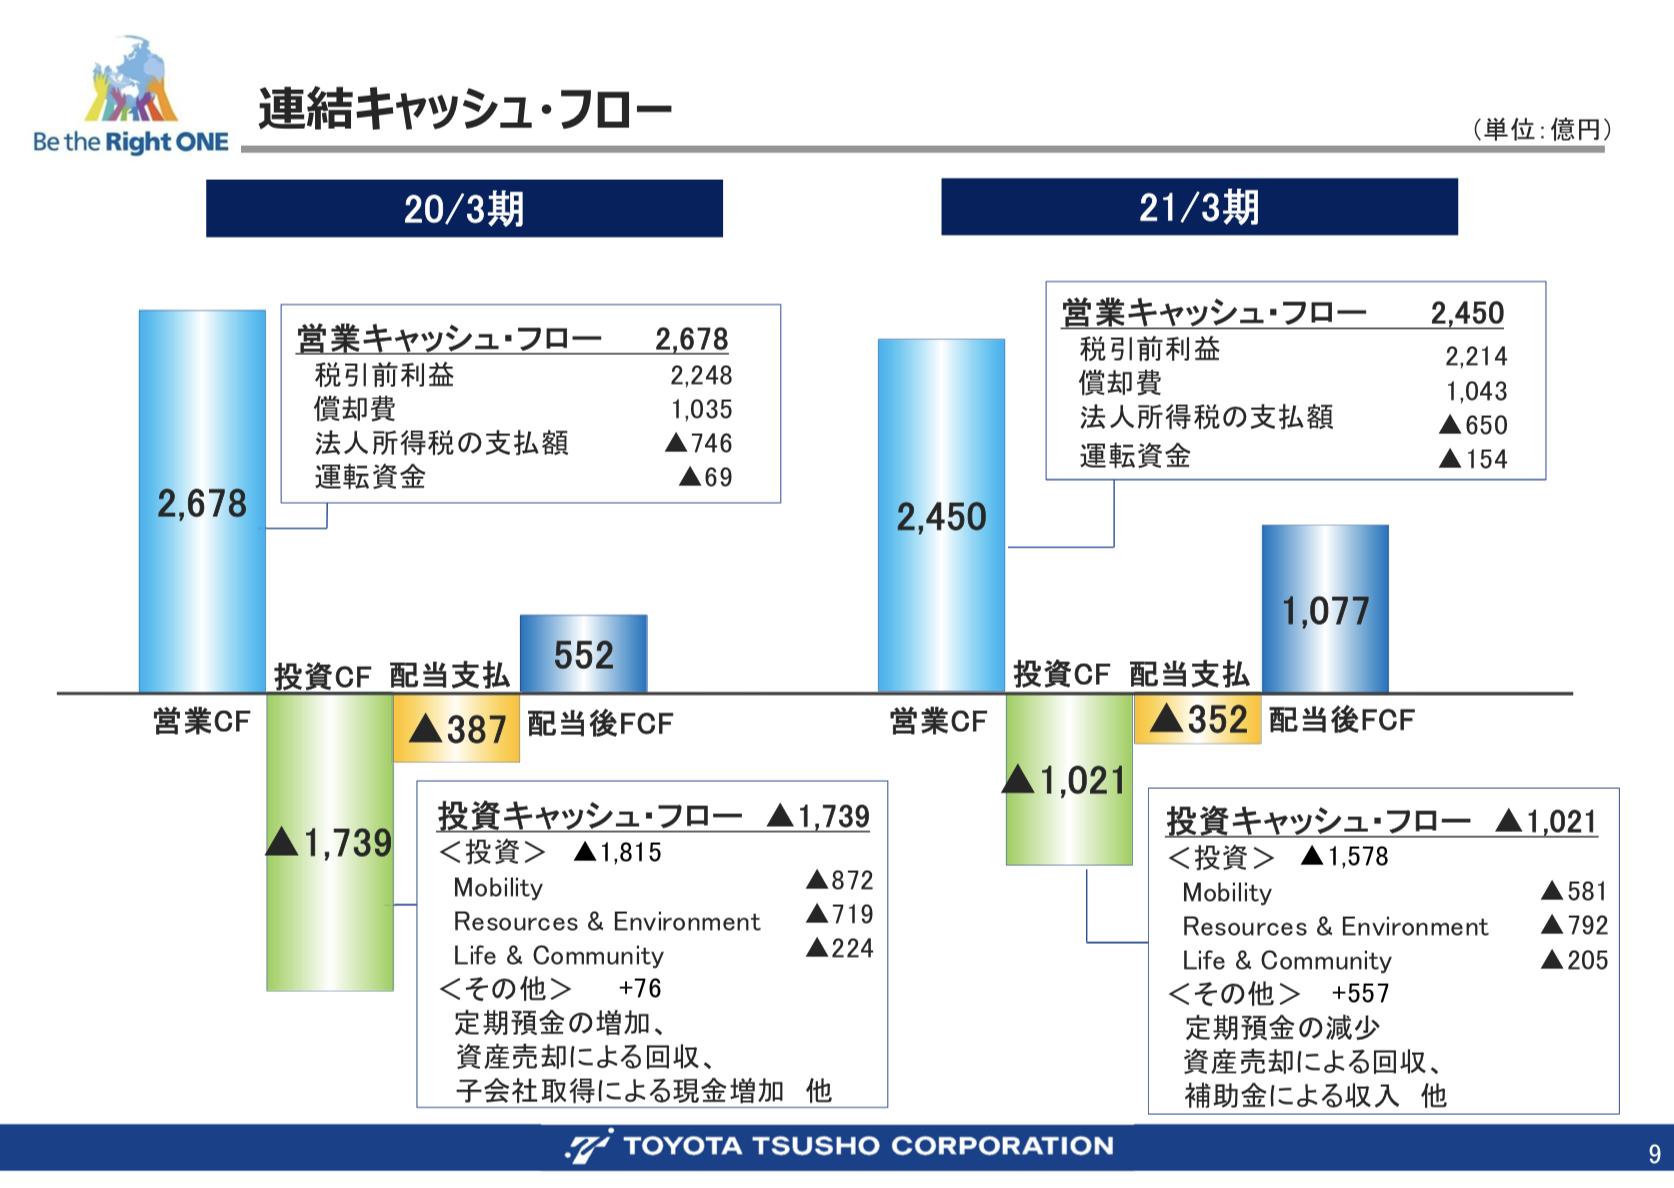 豊田通商株式会社 2021年3月期 連結決算概要及び 2022年3月期 業績予想